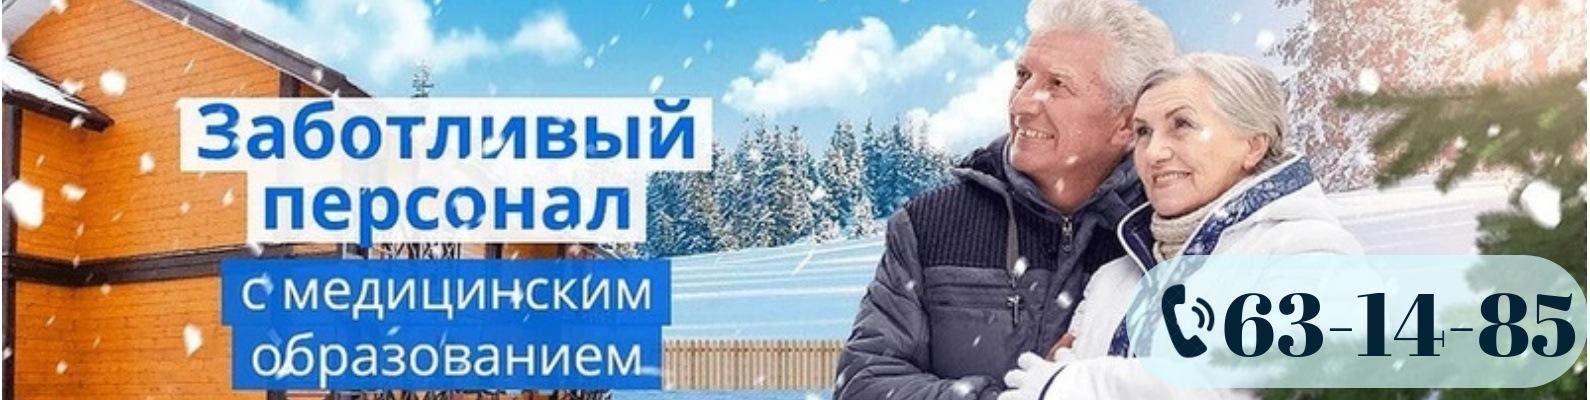 Пансионат для инвалидов петрозаводск дом престарелых правобережная 4